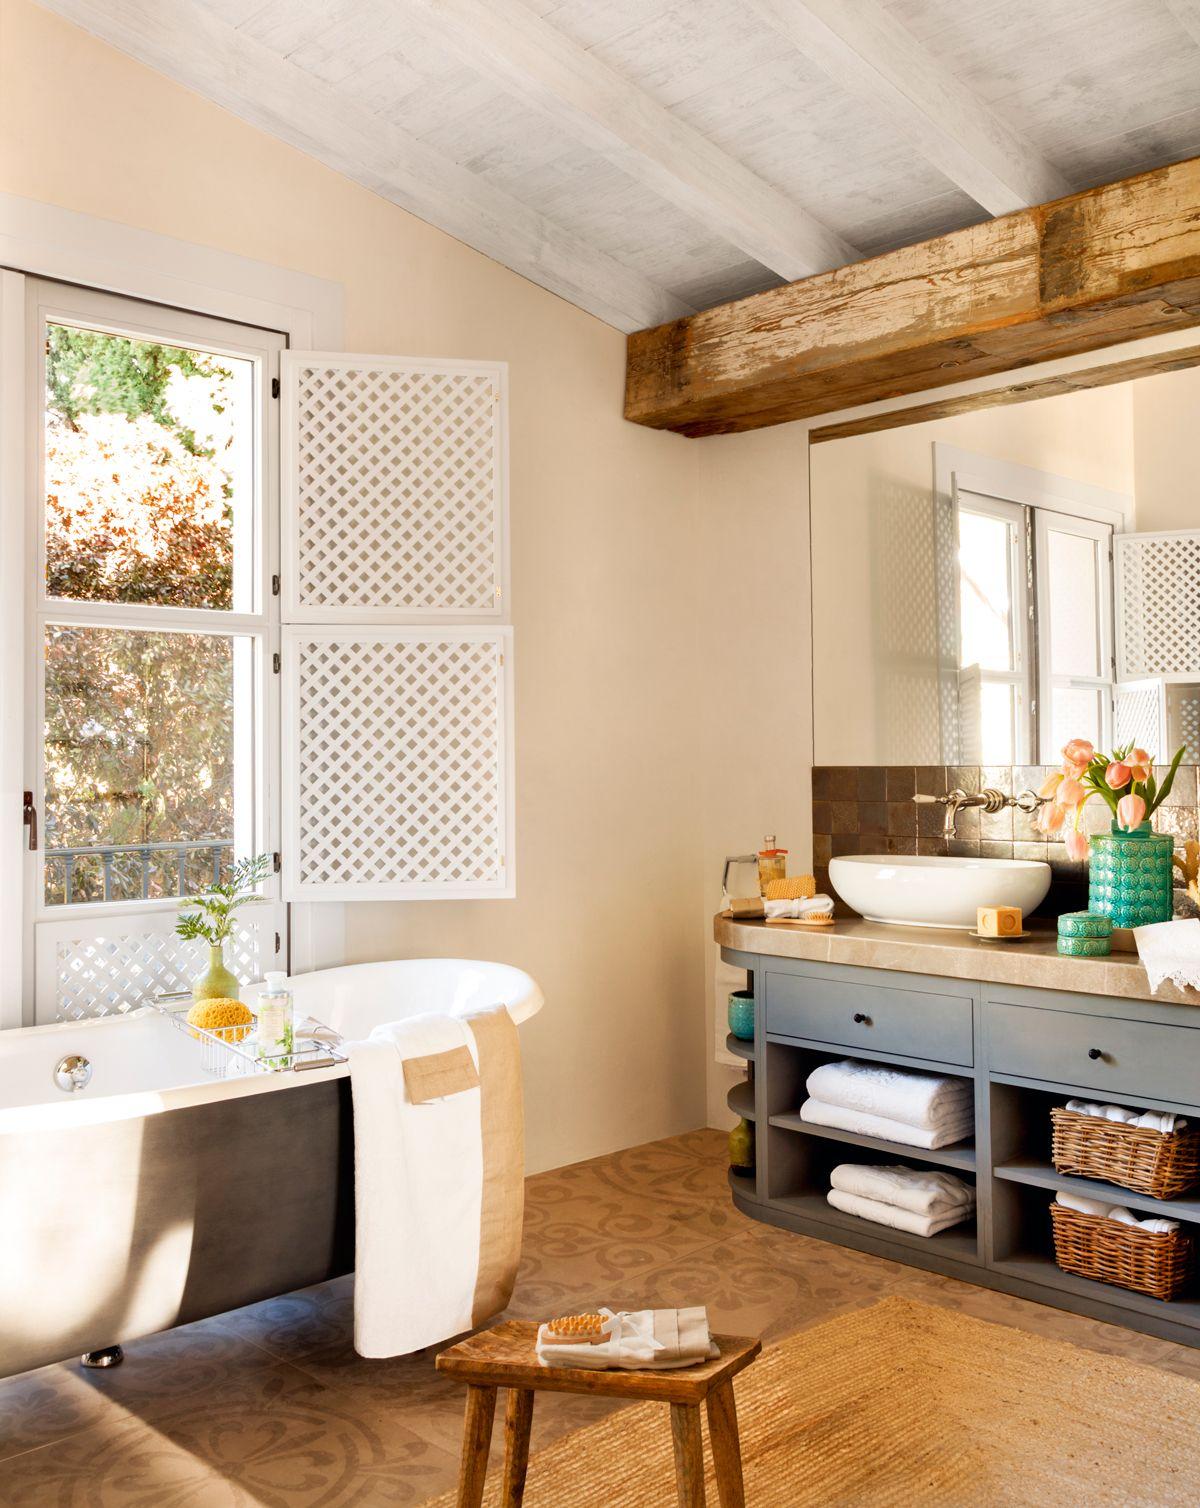 Consigue un bbb ba o bonito y barato muebles oscuros for Muebles bonitos y baratos